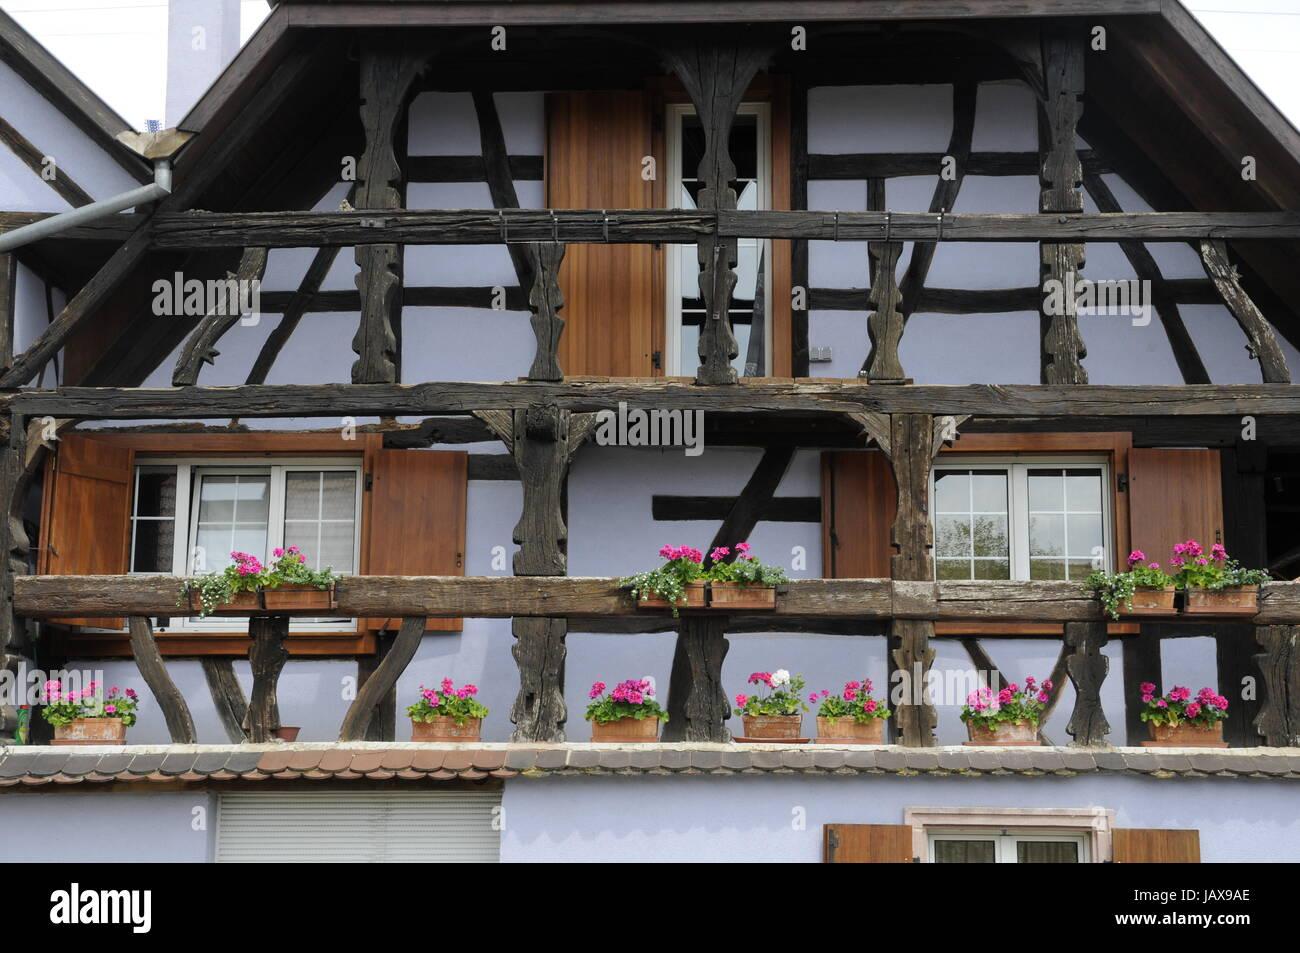 Fenster Fachwerkhaus ill illhaeusern fenster blumenfenster frankreich haus stock